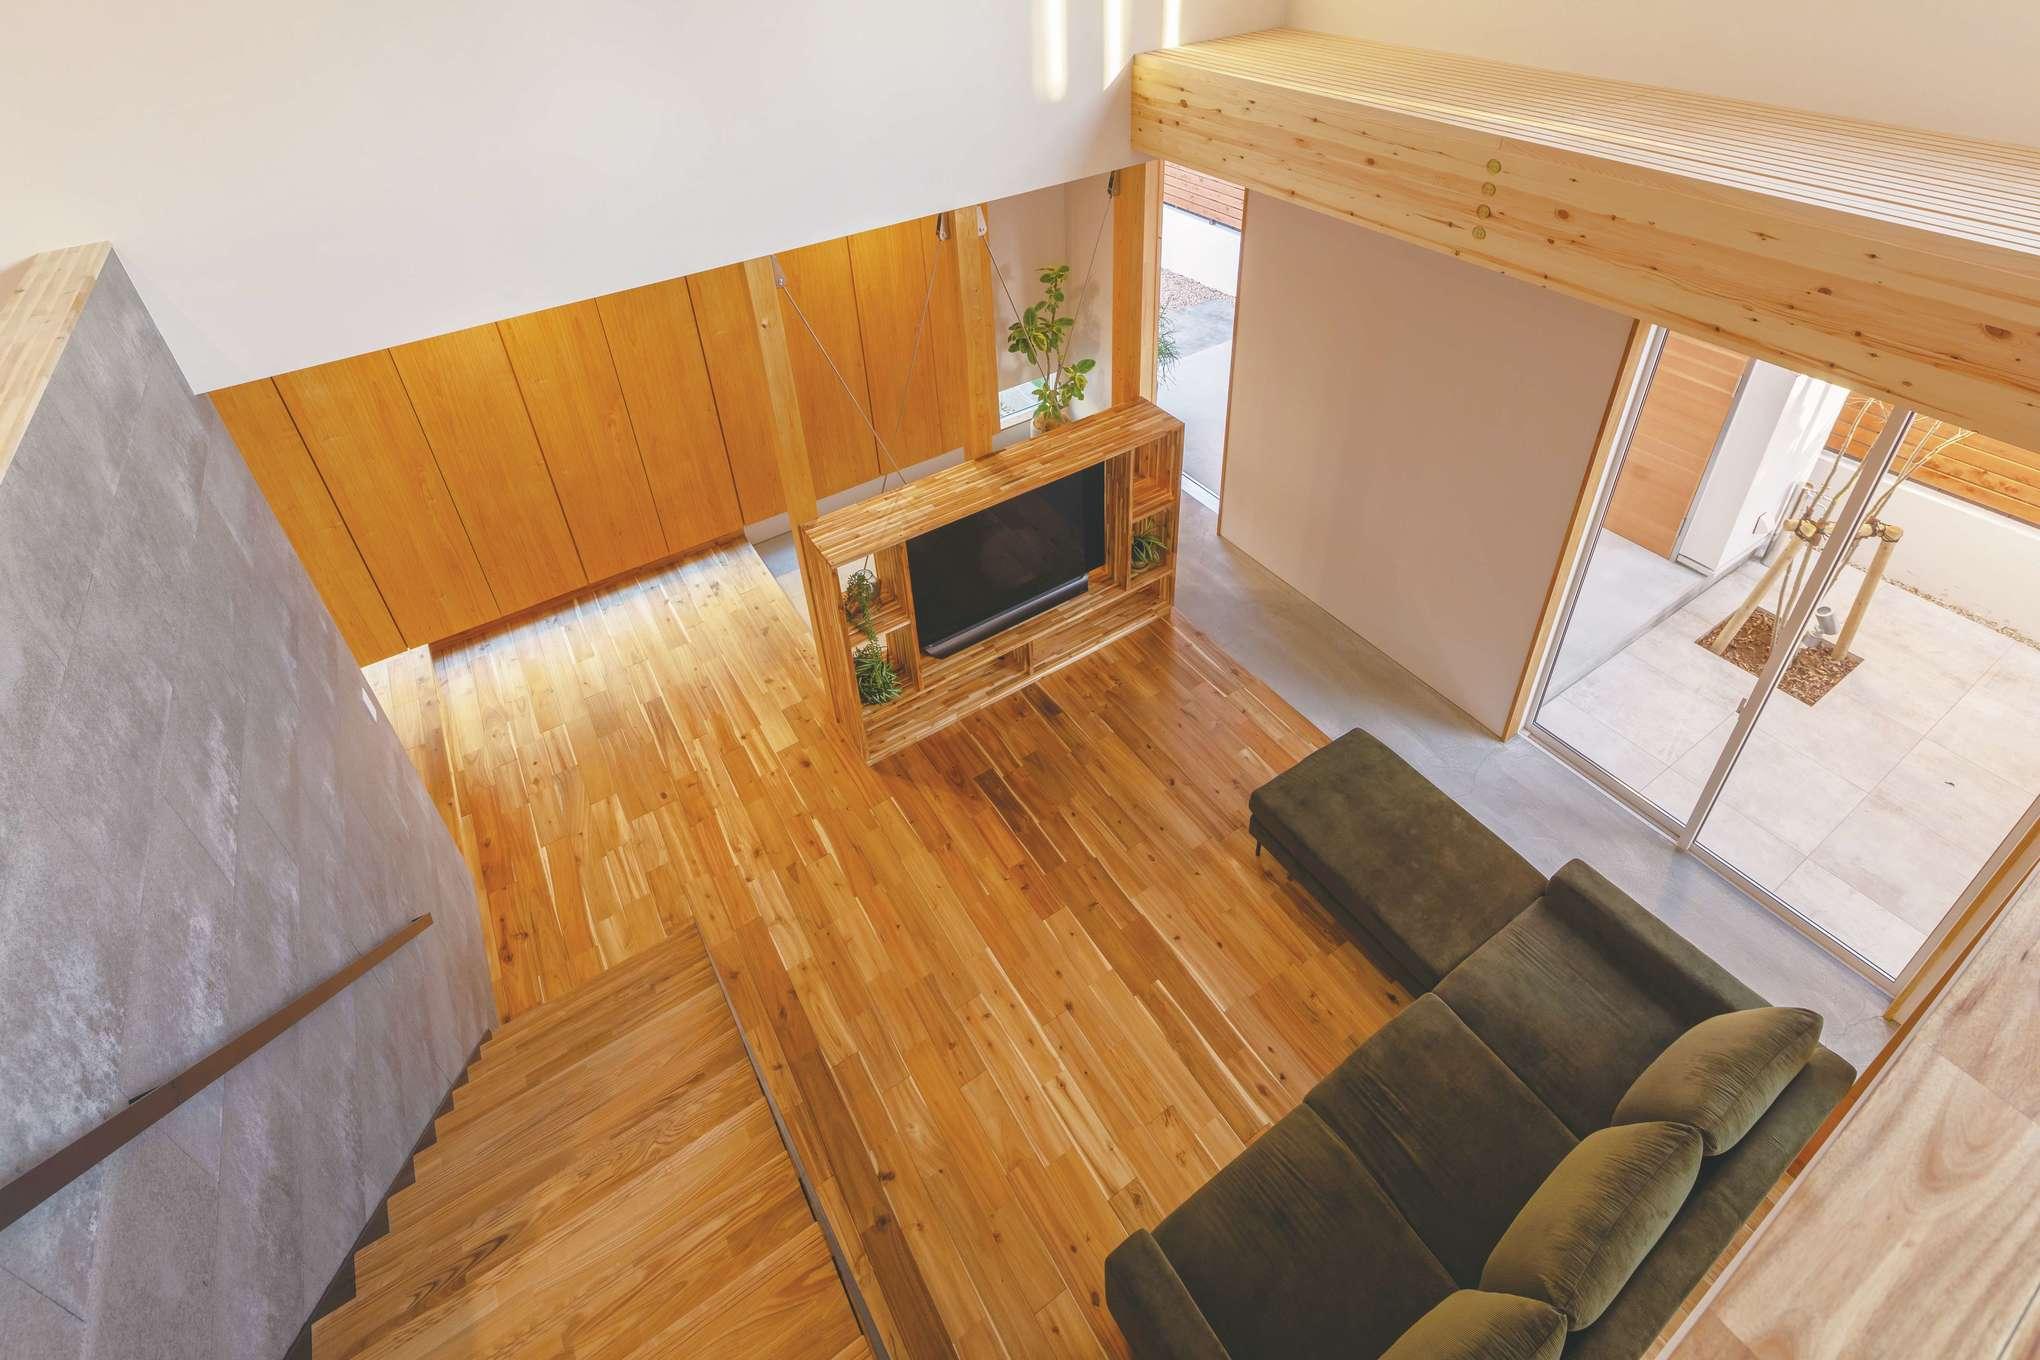 住家 ~JYU-KA~【デザイン住宅、間取り、建築家】家の中で外の感覚になれる場所が、玄関からリビング、ダイニングまで延びる土間だ。生活スペースを取り囲むこの空間が、家の中と外の境界を柔らかくぼかし、中と外の繋がりをいっそう強めている。土間部分の天井は格子状になっているので、2階からの自然光が、まるで木漏れ日のように優しく降り注ぐ。